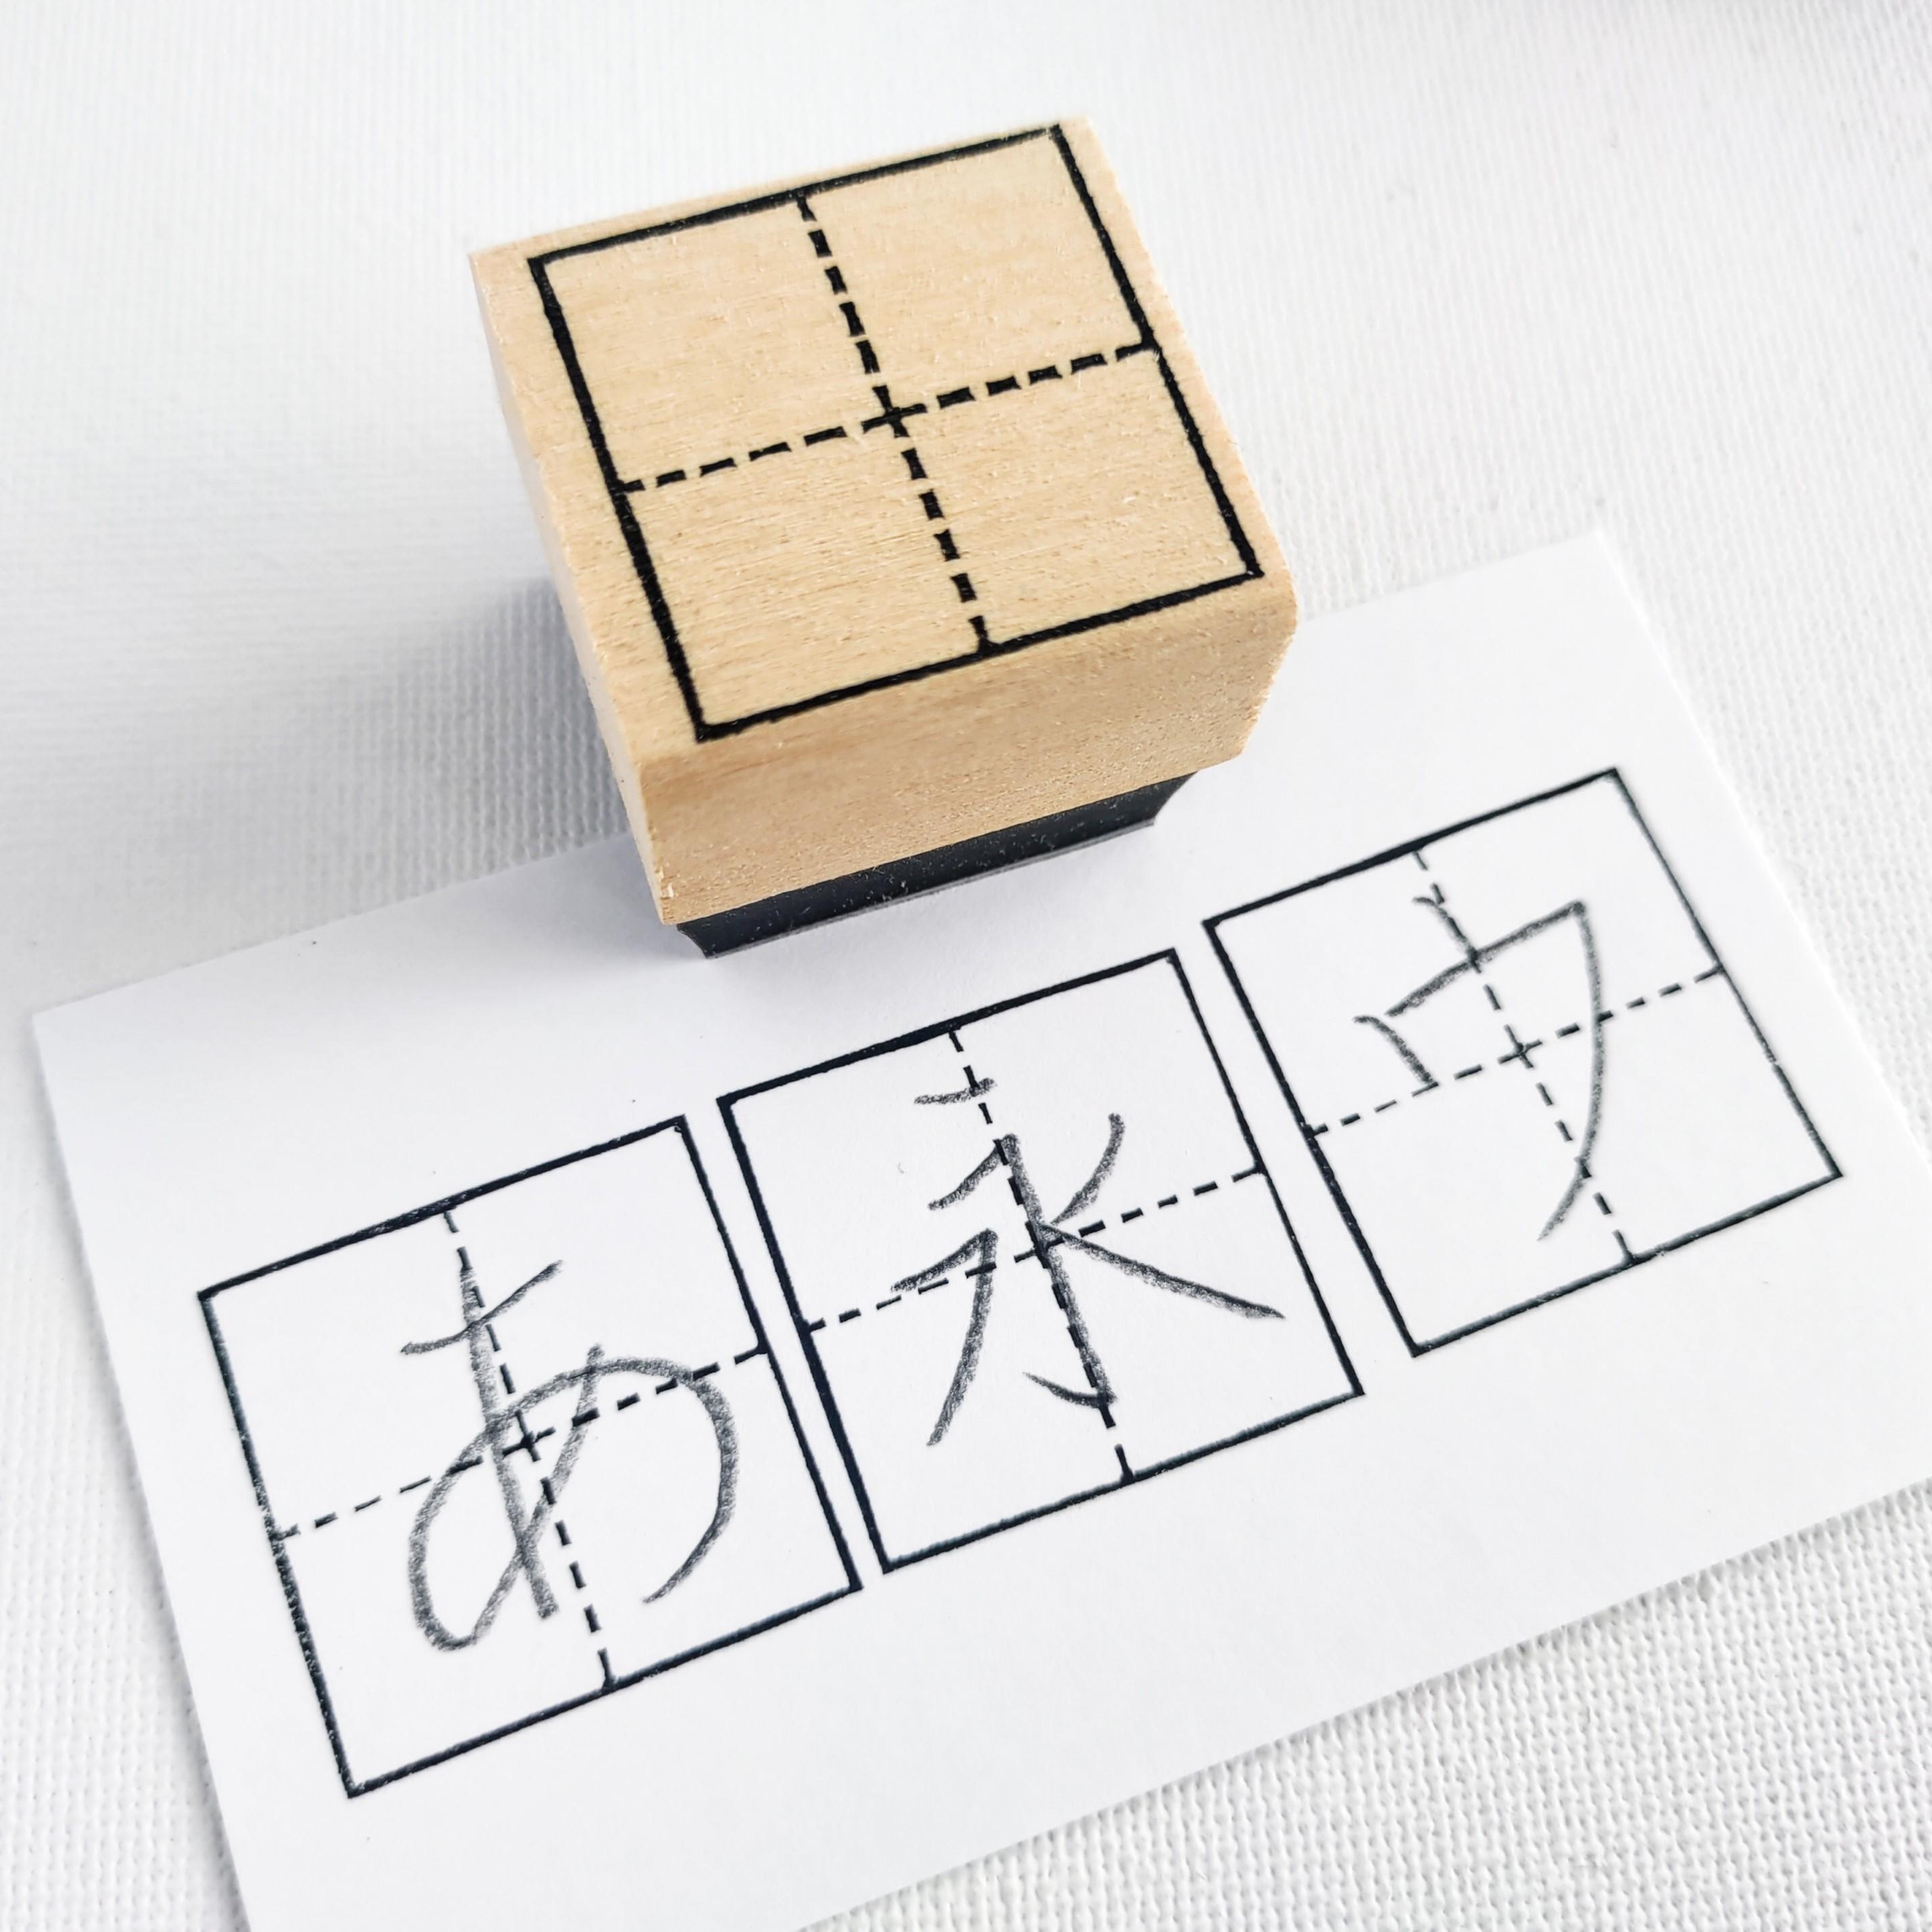 先生ハンコ「文字マス(2.5cm)」